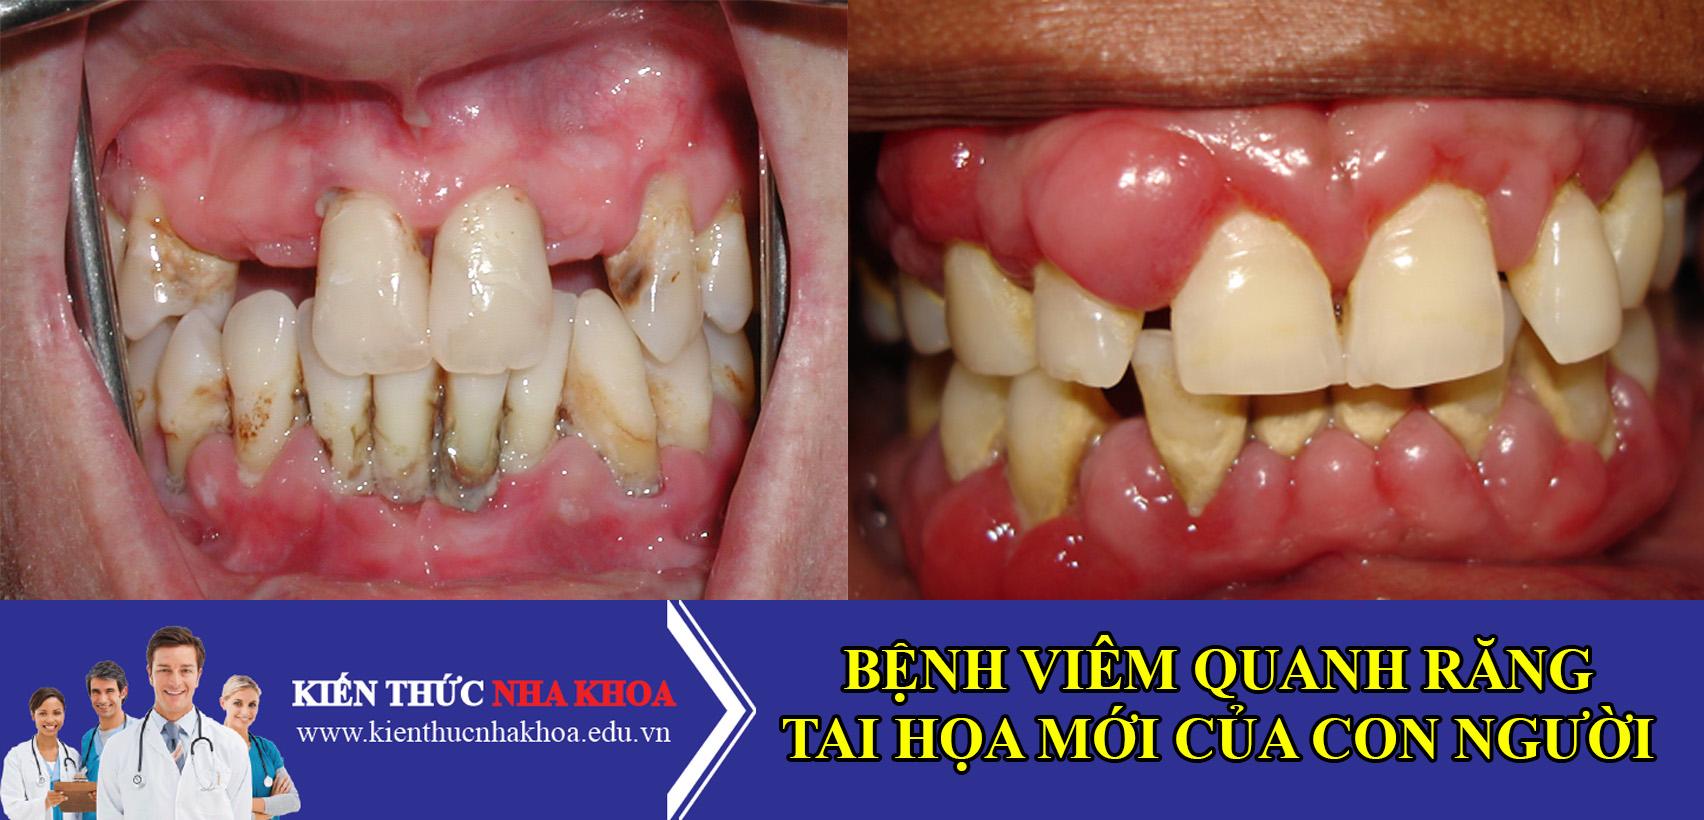 Bệnh Viêm Quanh Răng - Tai Họa Mới Của Con Người